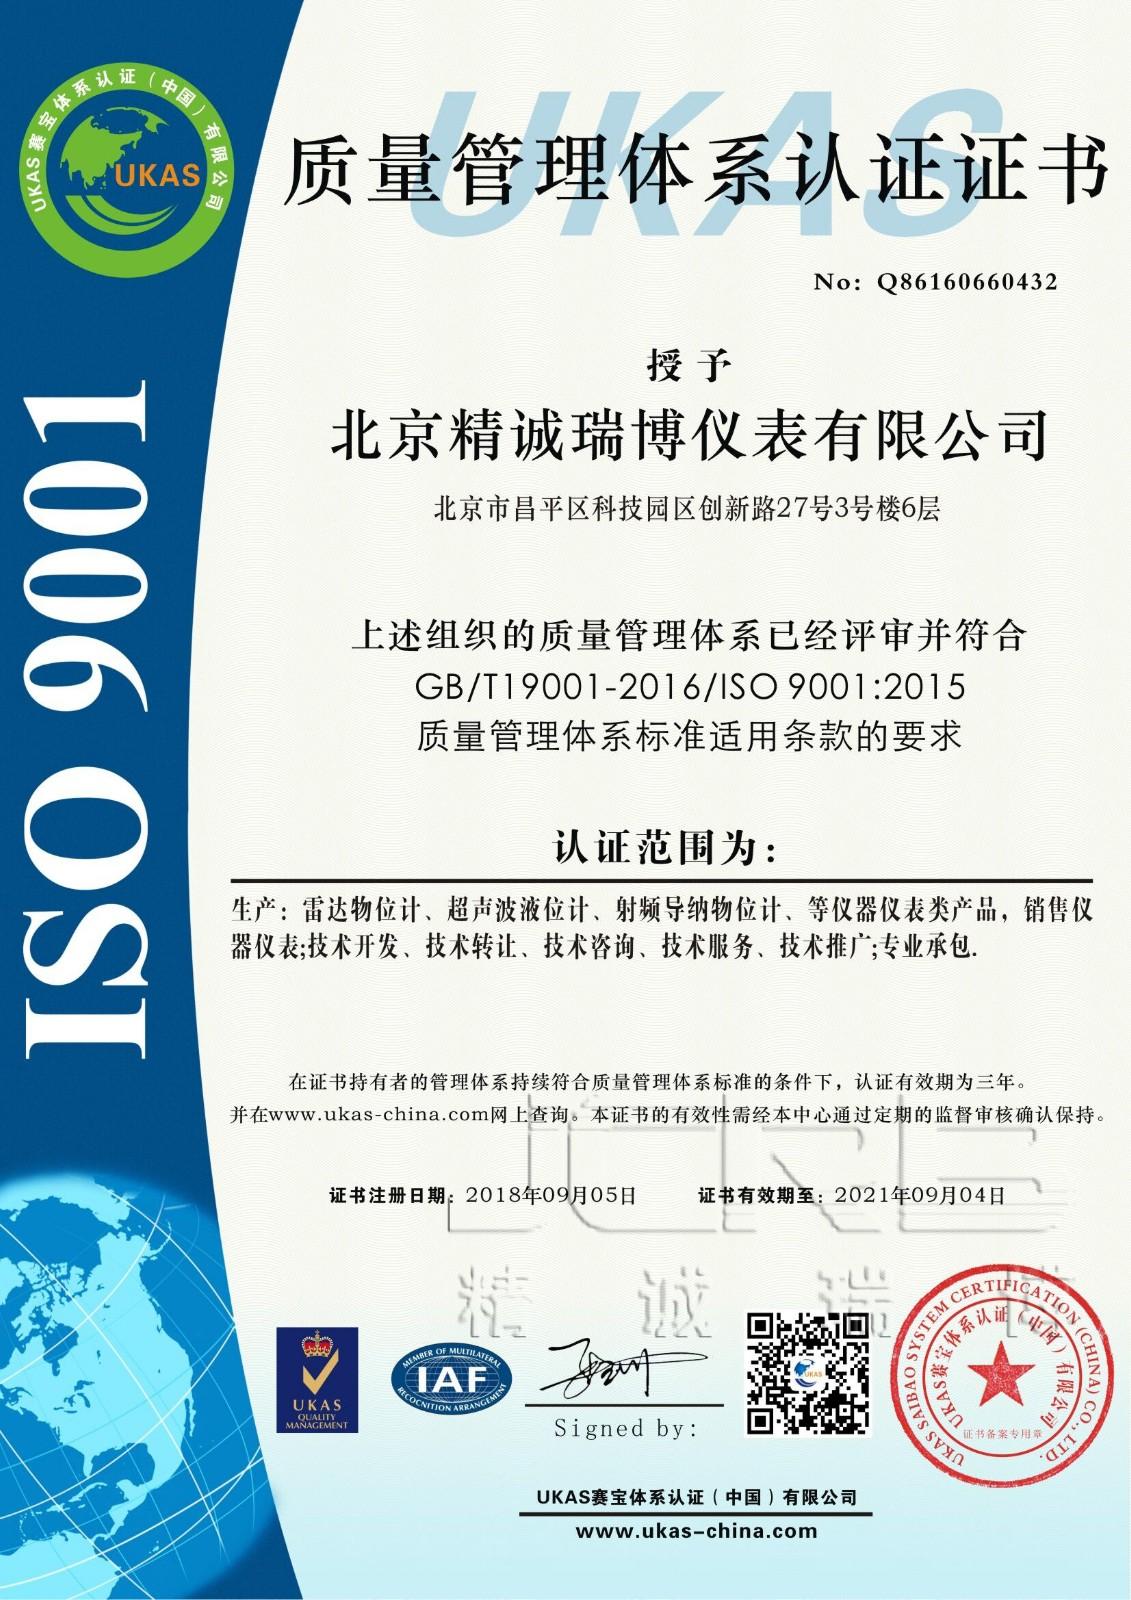 企业资质荣誉证书大合集